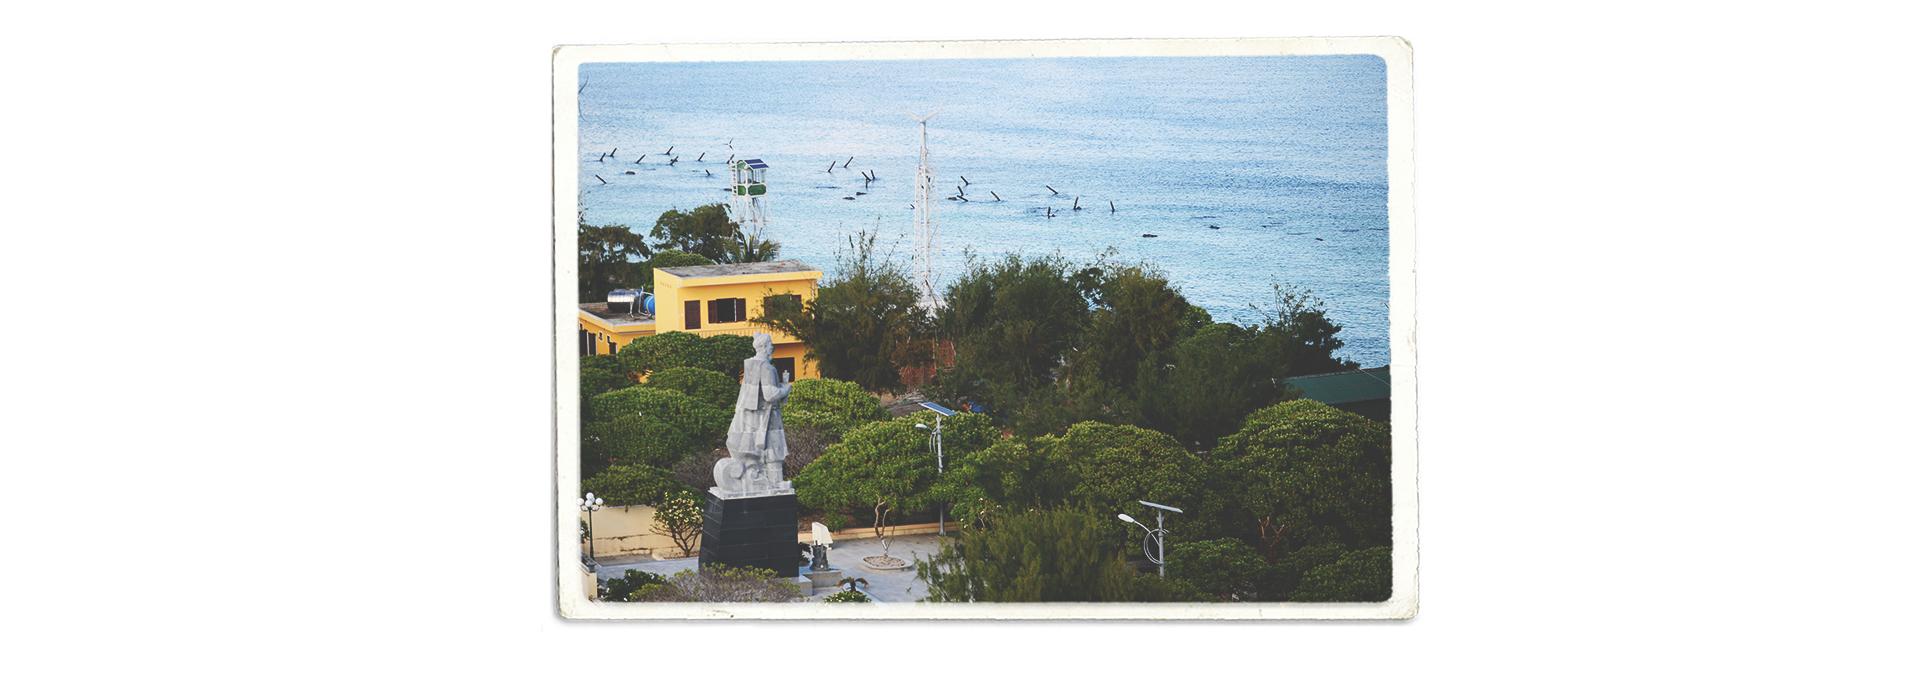 Thành phố nhỏ trên Biển Đông: Trường Sa - Ảnh 26.